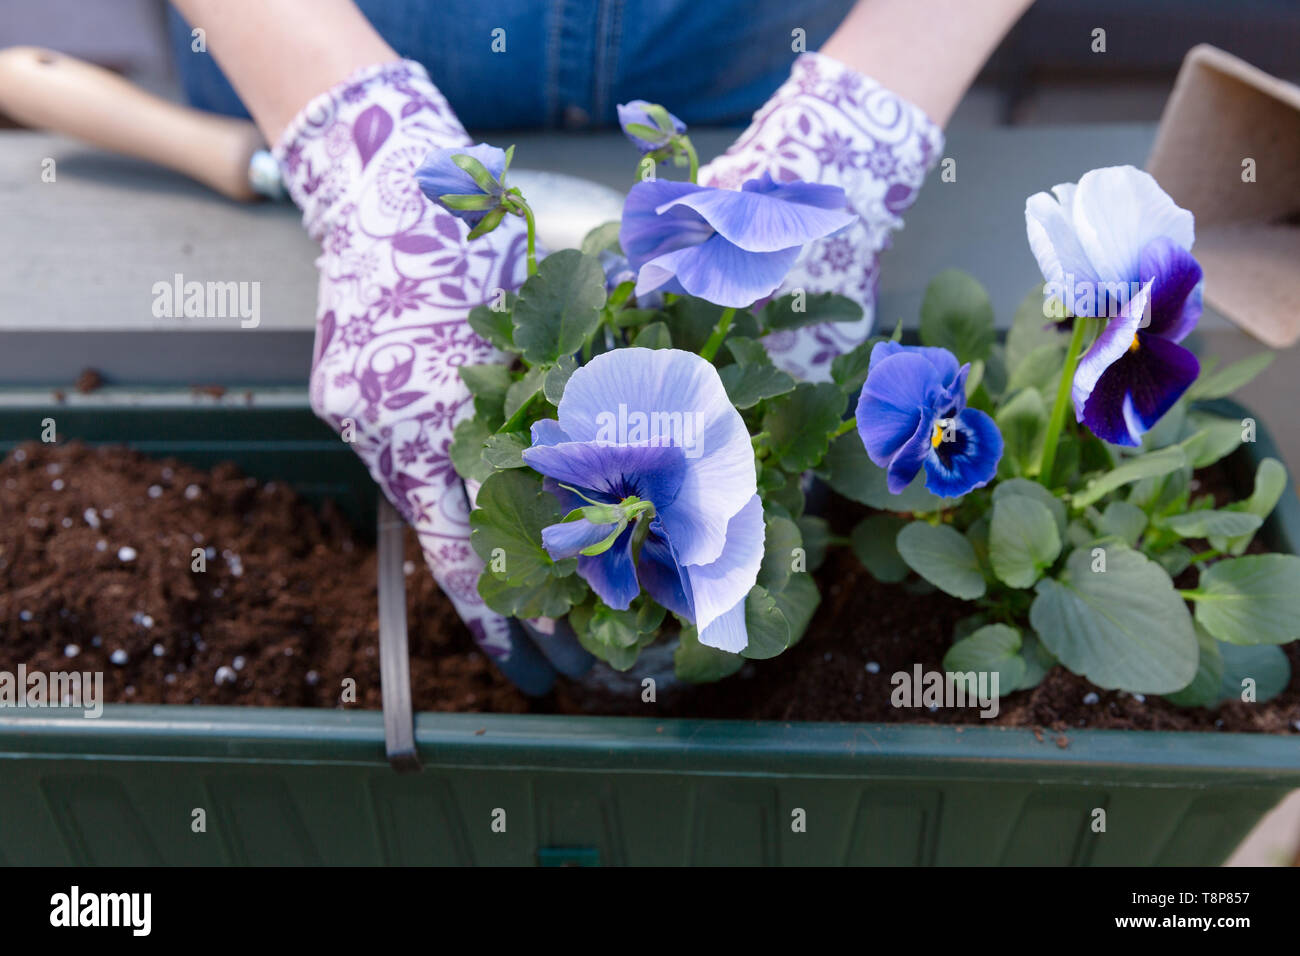 Jardineros Manos Plantar Flores En Maceta Con Tierra O Suelo